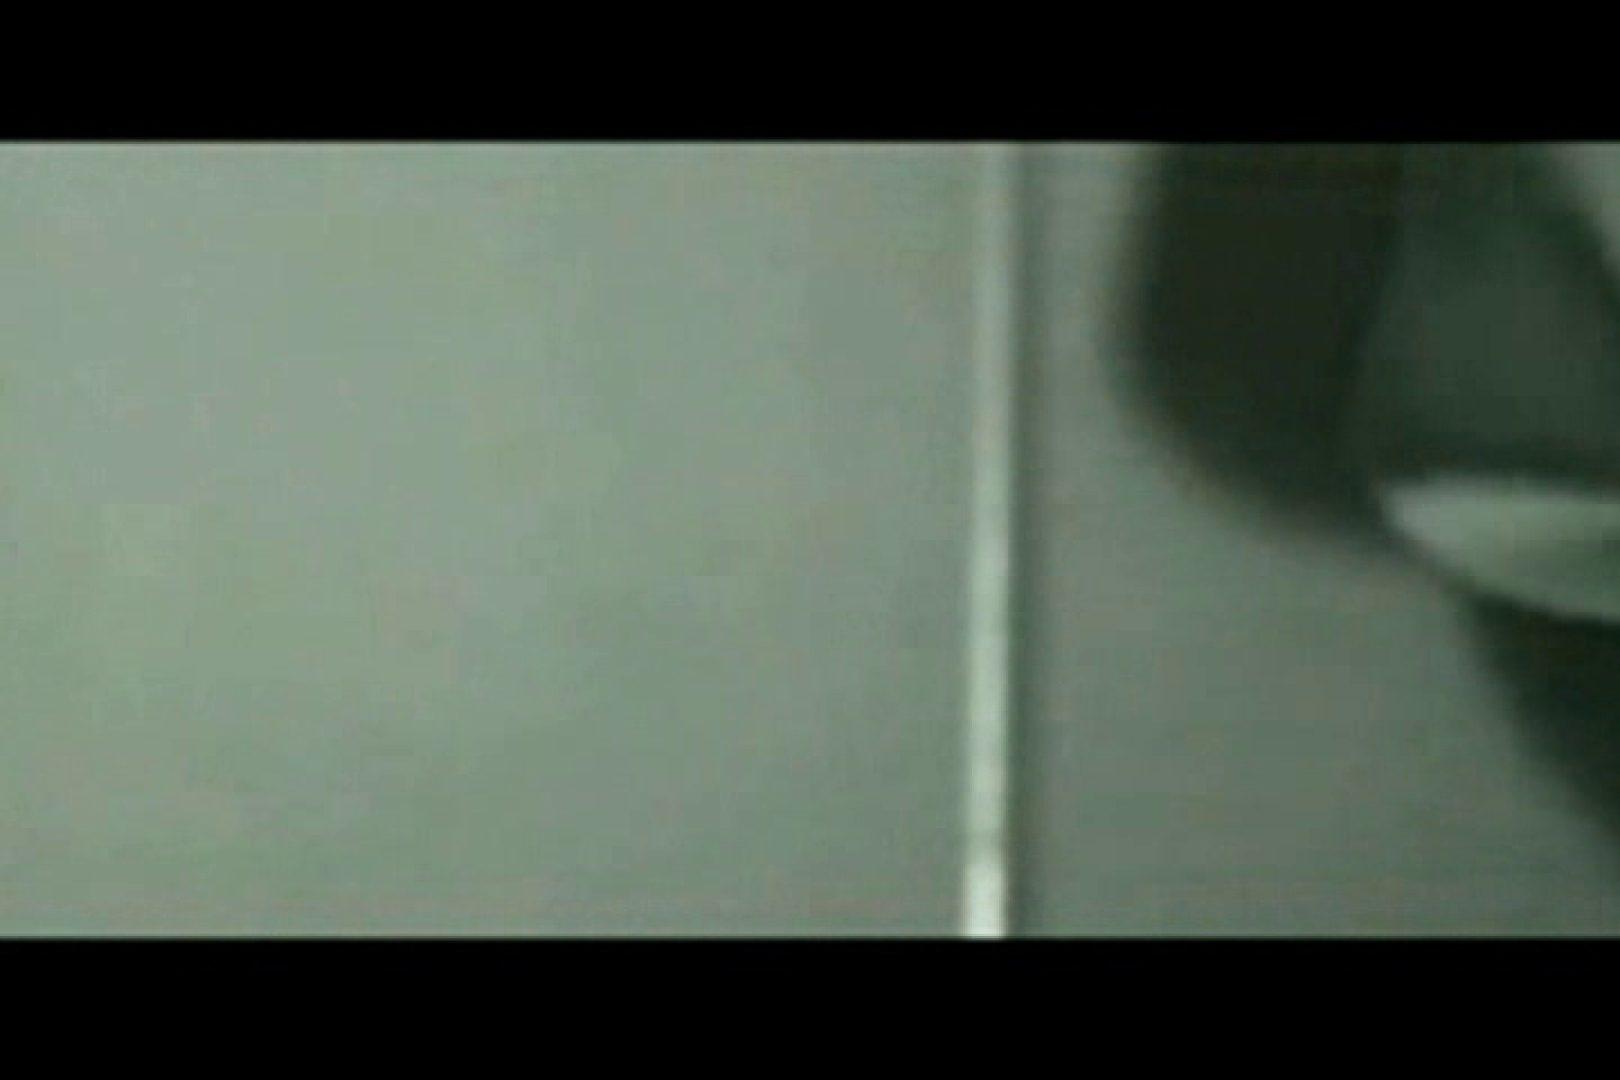 ぼっとん洗面所スペシャルVol.18 おまんこ無修正  76画像 15